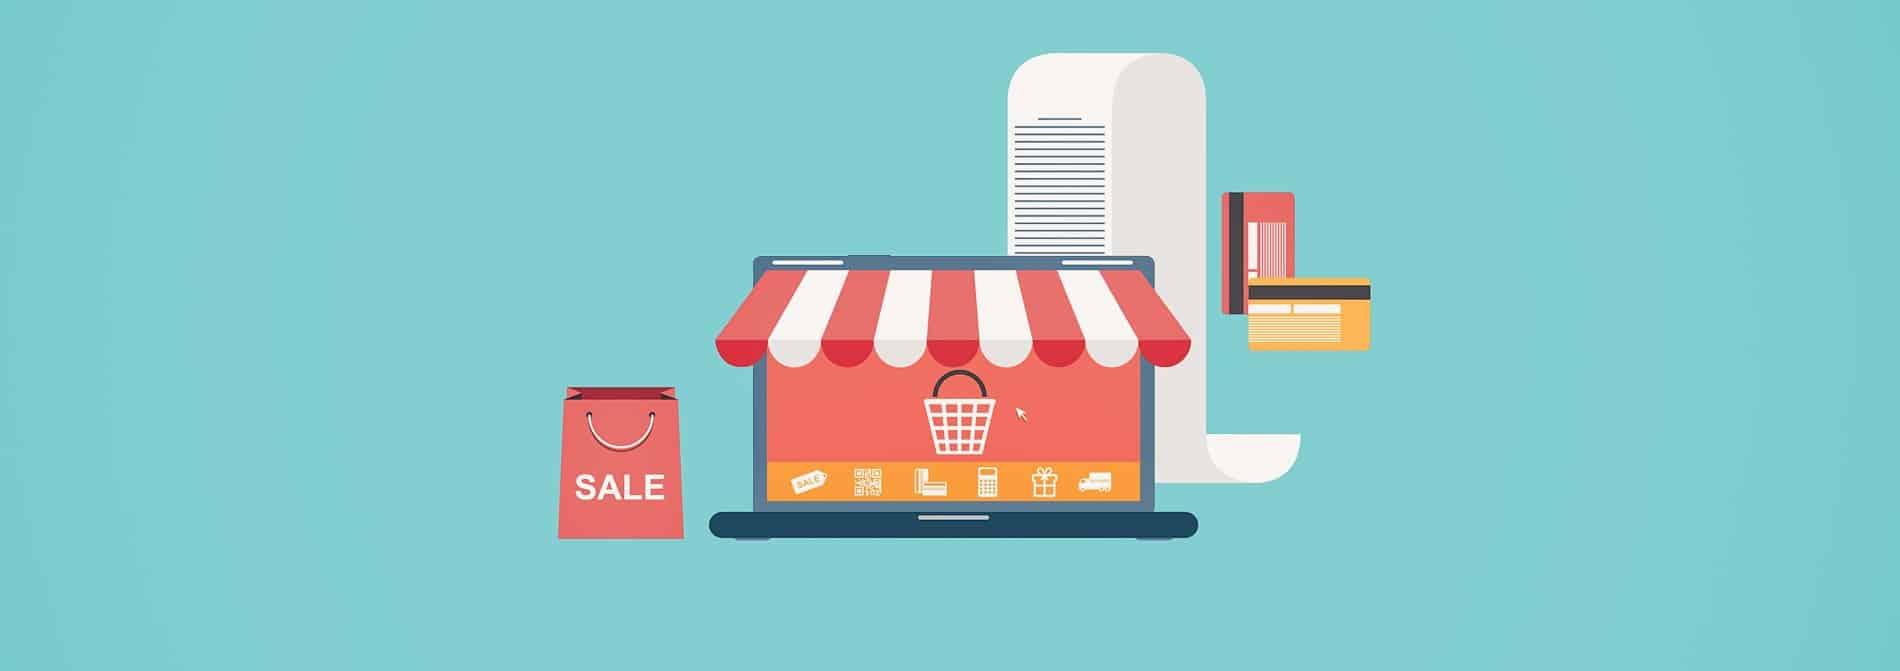 أكبر مشاكل التجارة الإلكترونية بالمملكة